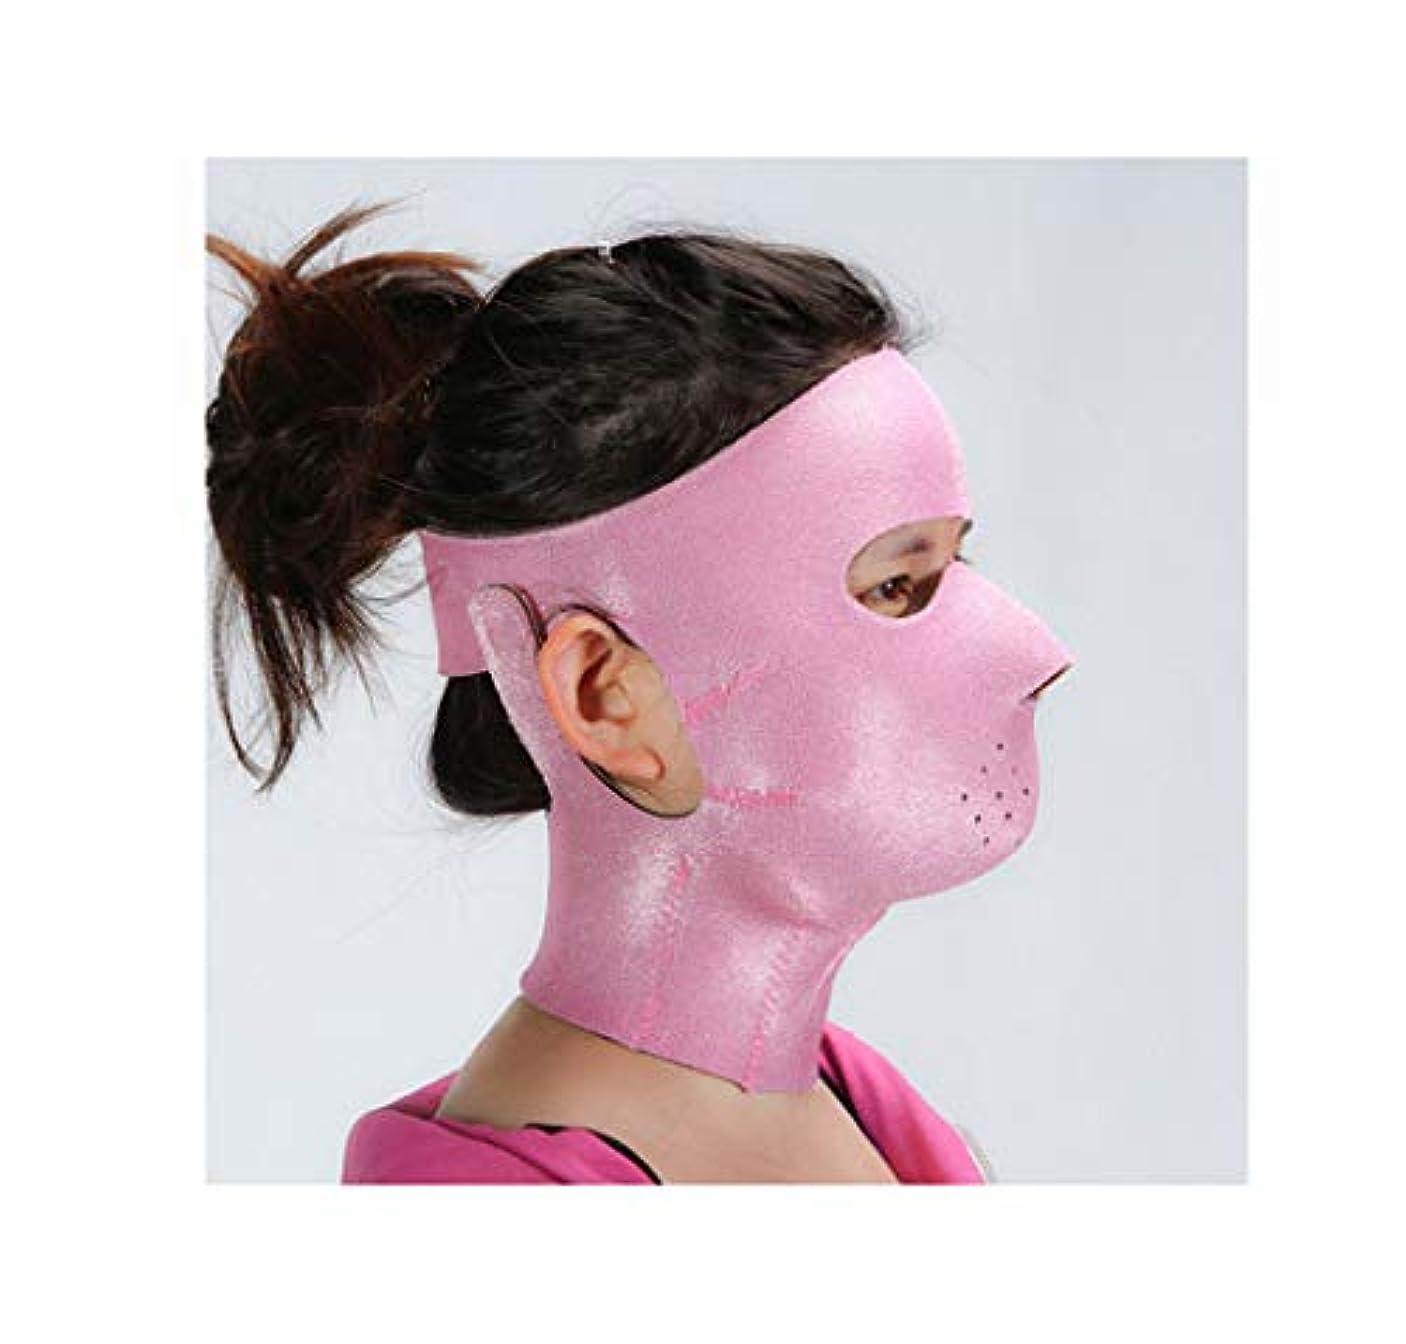 シェフ虎ガラガラTLMY 薄い顔マスクマスクプラス薄いマスク引き締めアンチエイジング薄いマスク顔の薄い顔マスクアーティファクト美容ネックバンド 顔用整形マスク